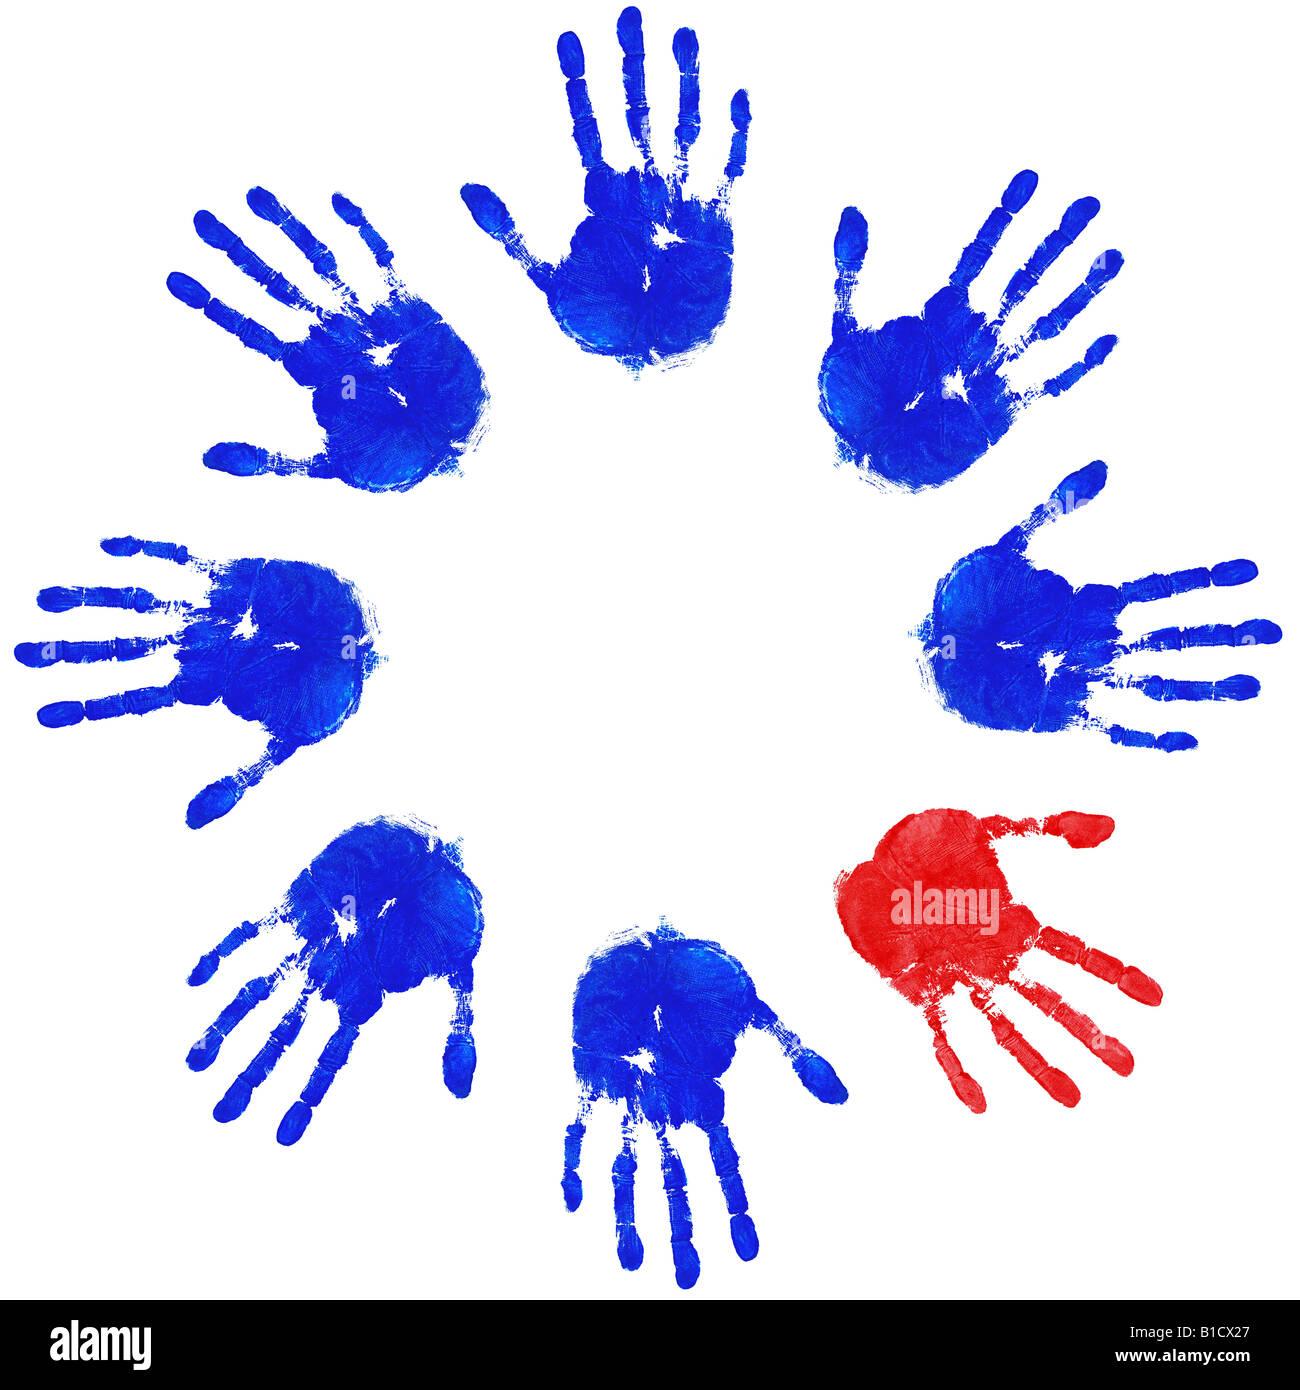 Las imágenes de las huellas azules con un extraño rojo uno de los conceptos de igualdad y diversidad trabajo Imagen De Stock